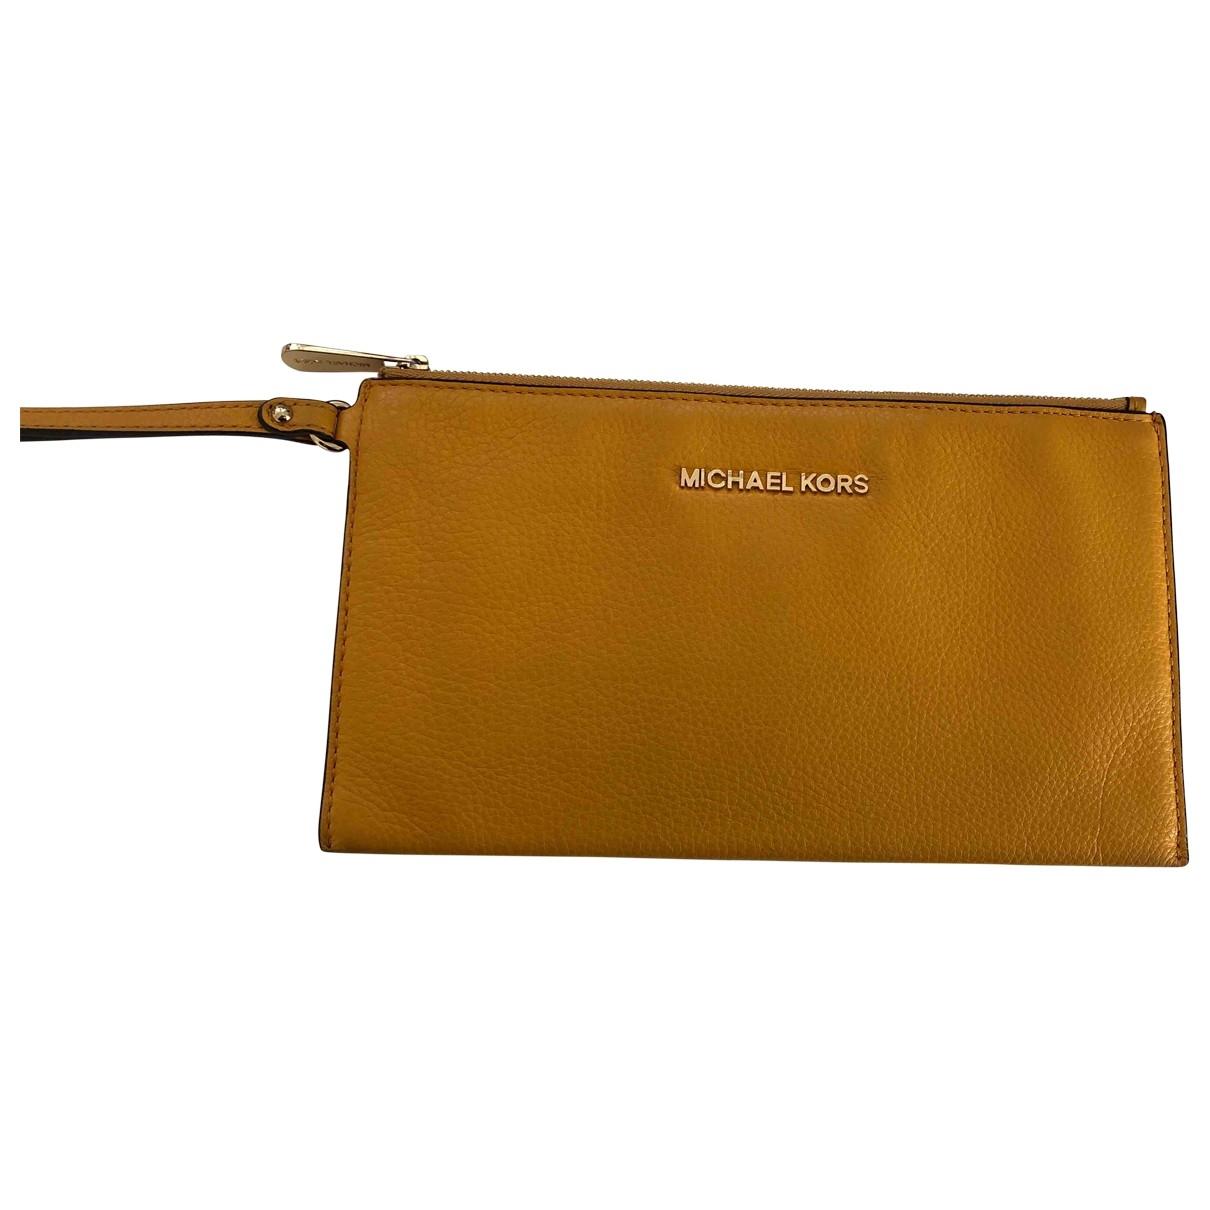 Michael Kors - Petite maroquinerie   pour femme en cuir - jaune